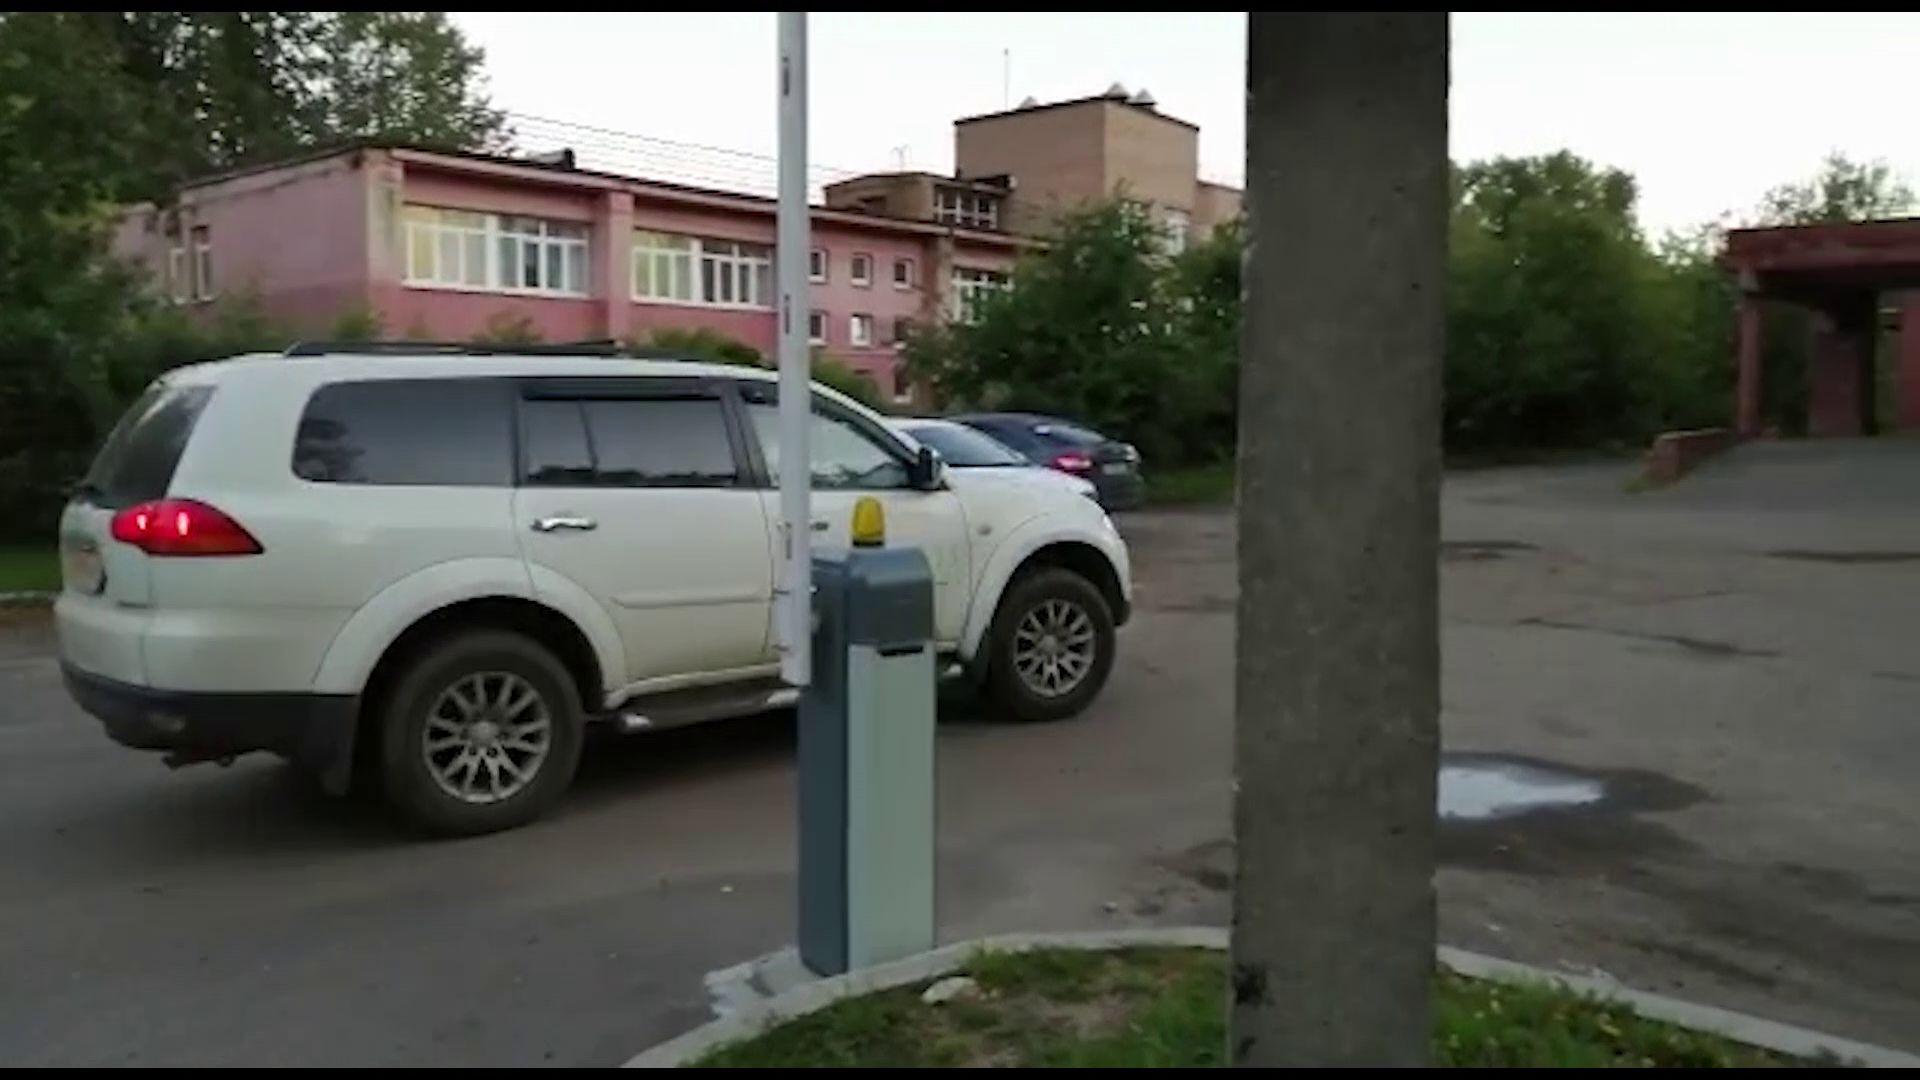 У руководителя ярославской фирмы арестовали машину за долги перед сотрудниками